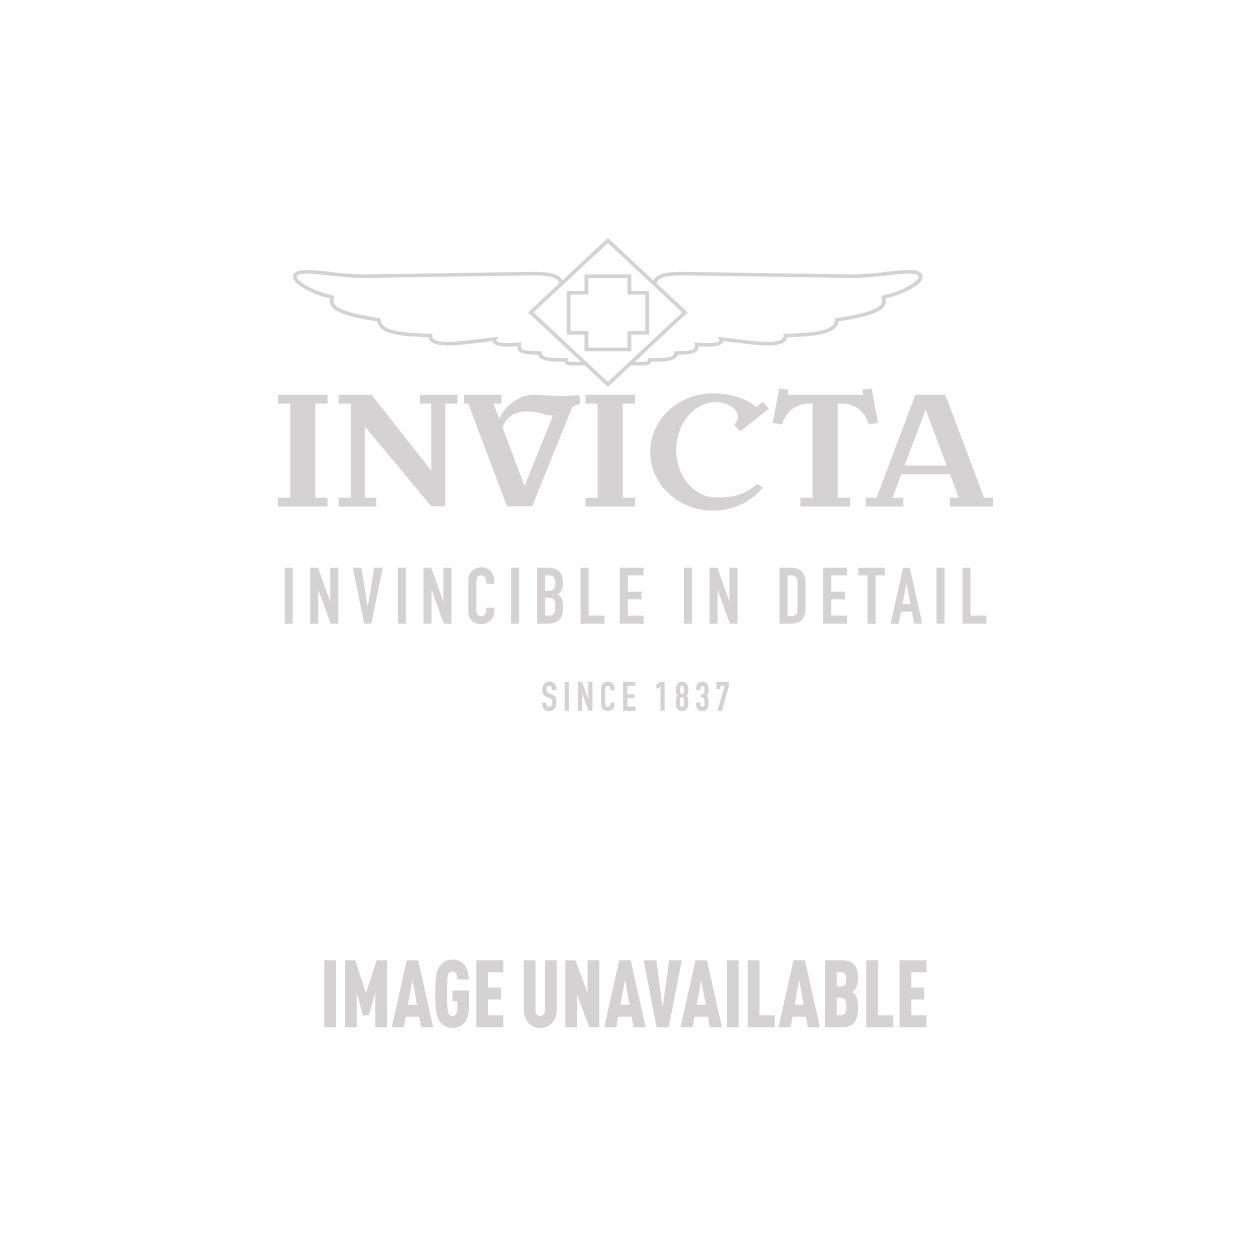 Invicta Model 29402